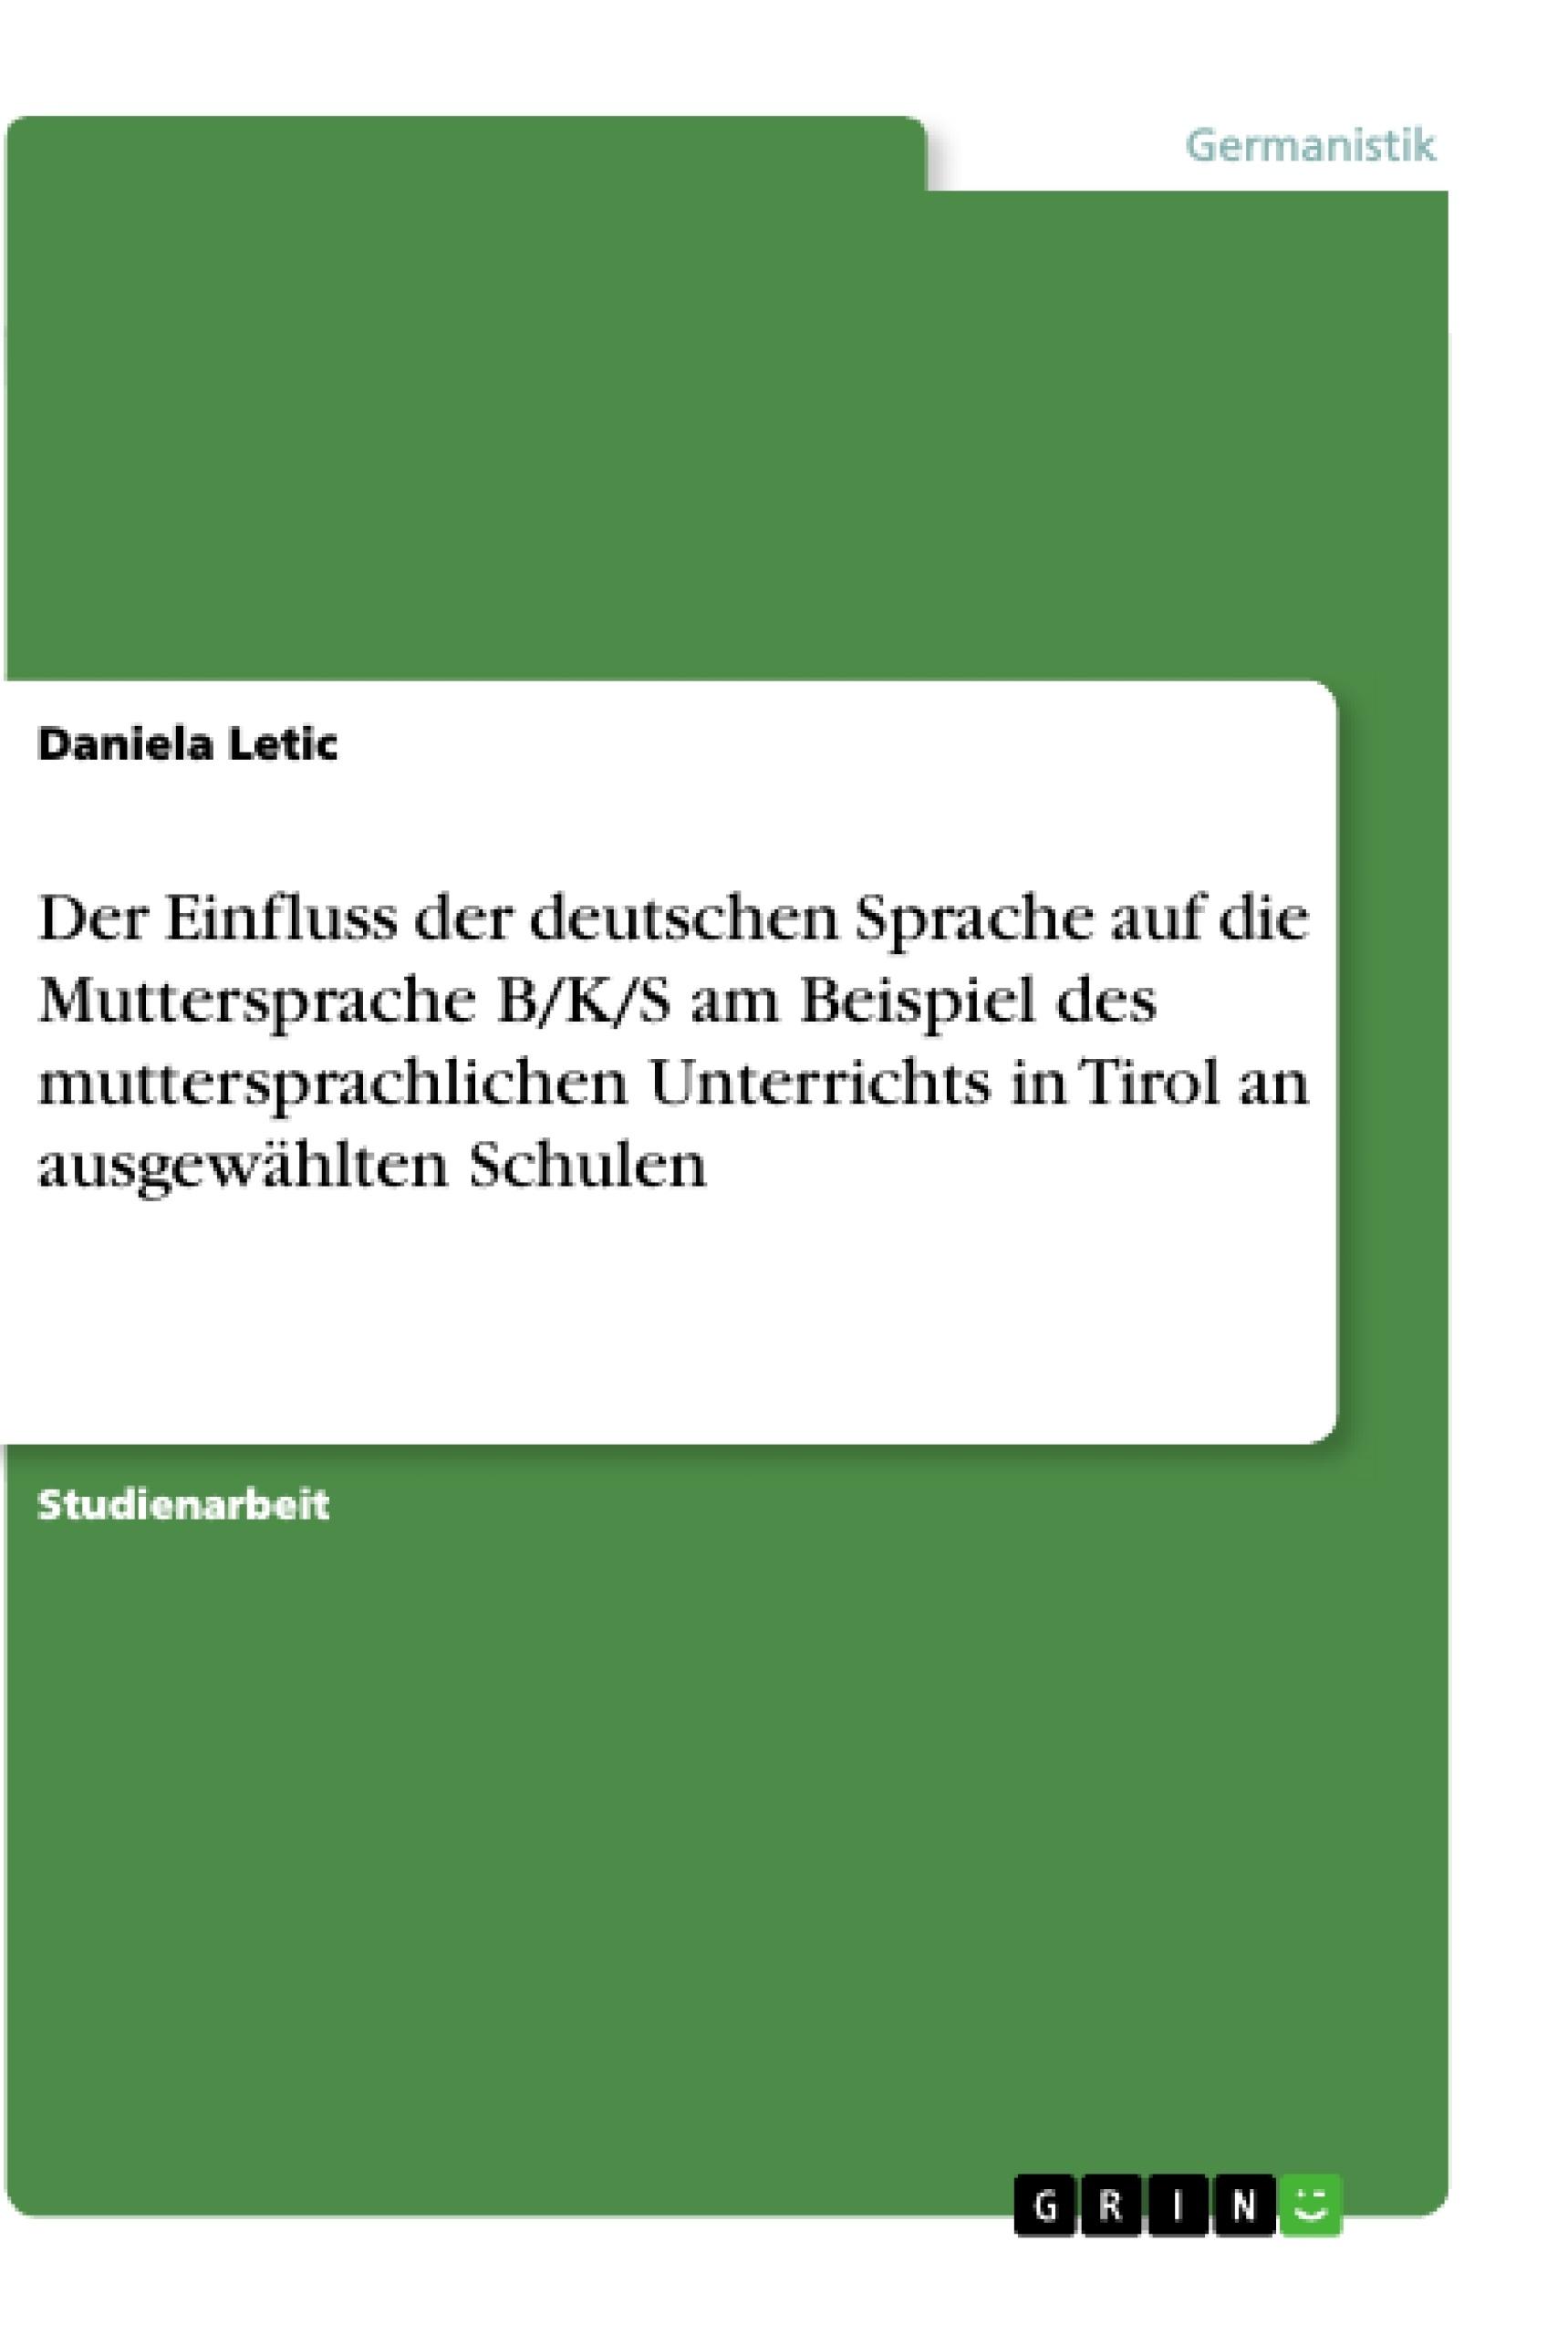 Titel: Der Einfluss der deutschen Sprache auf die Muttersprache B/K/S am Beispiel des muttersprachlichen Unterrichts in Tirol an ausgewählten Schulen